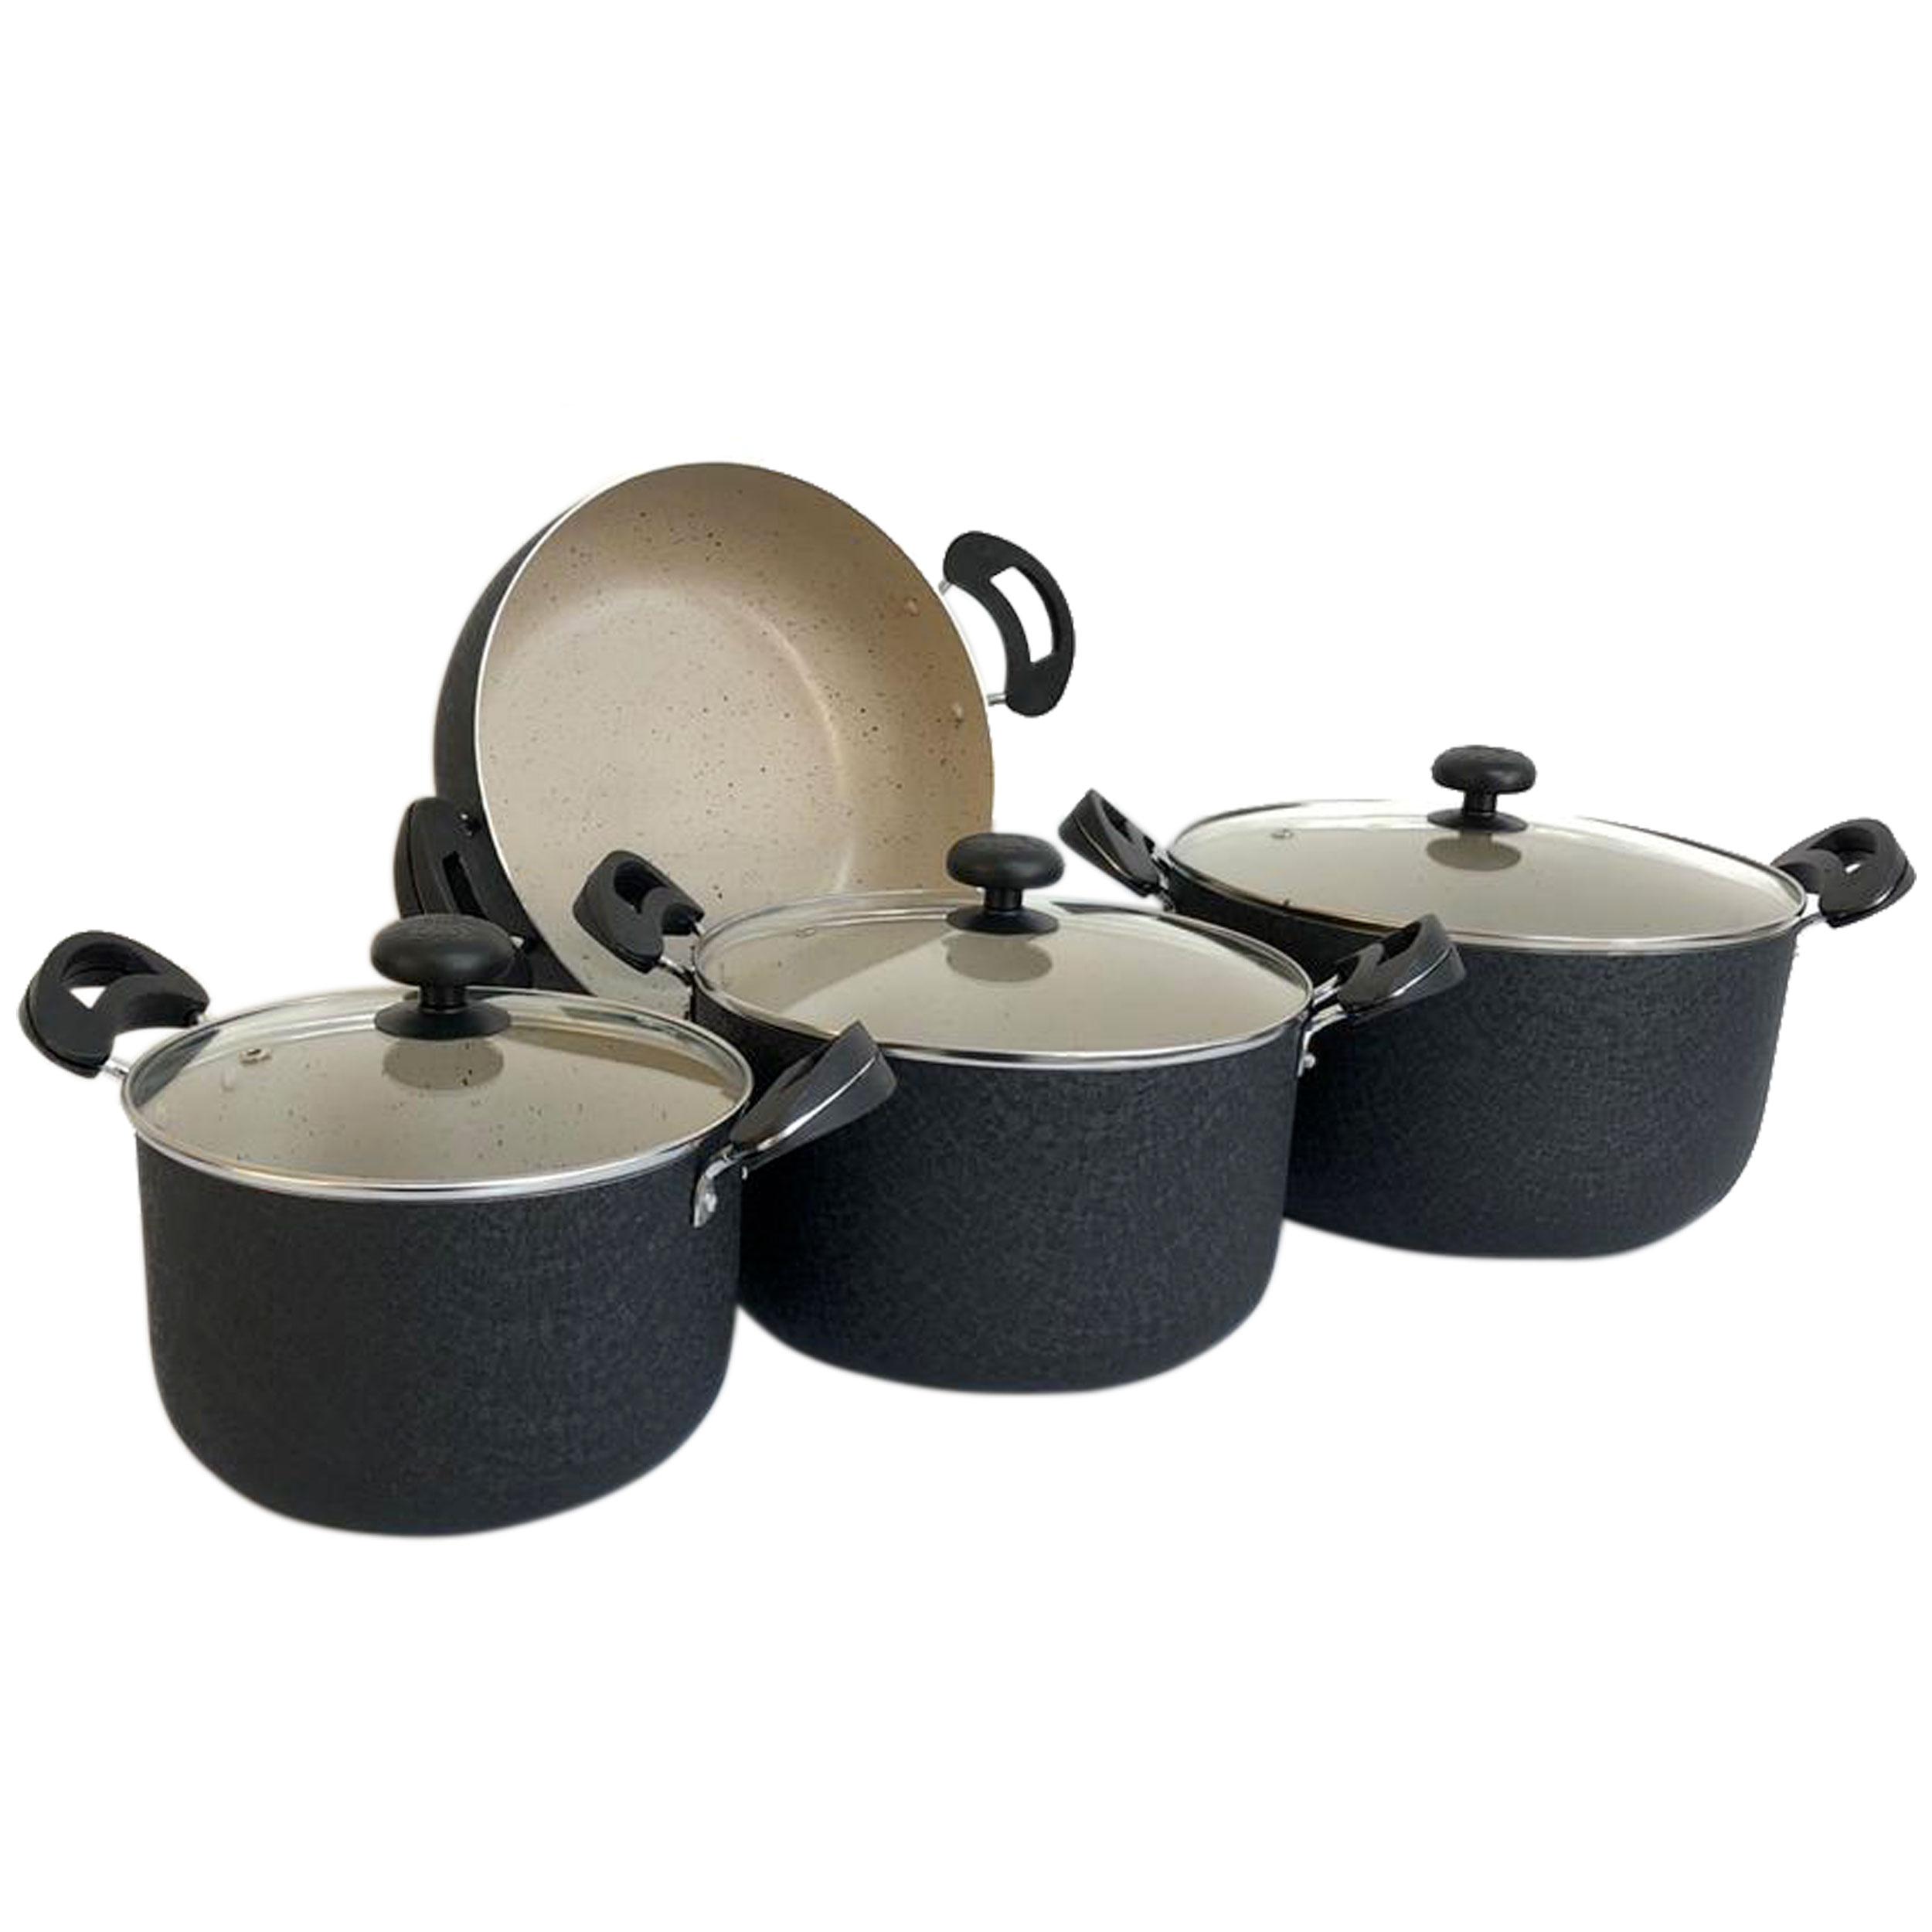 سرویس پخت و پز 7 پارچه مدل الیزا